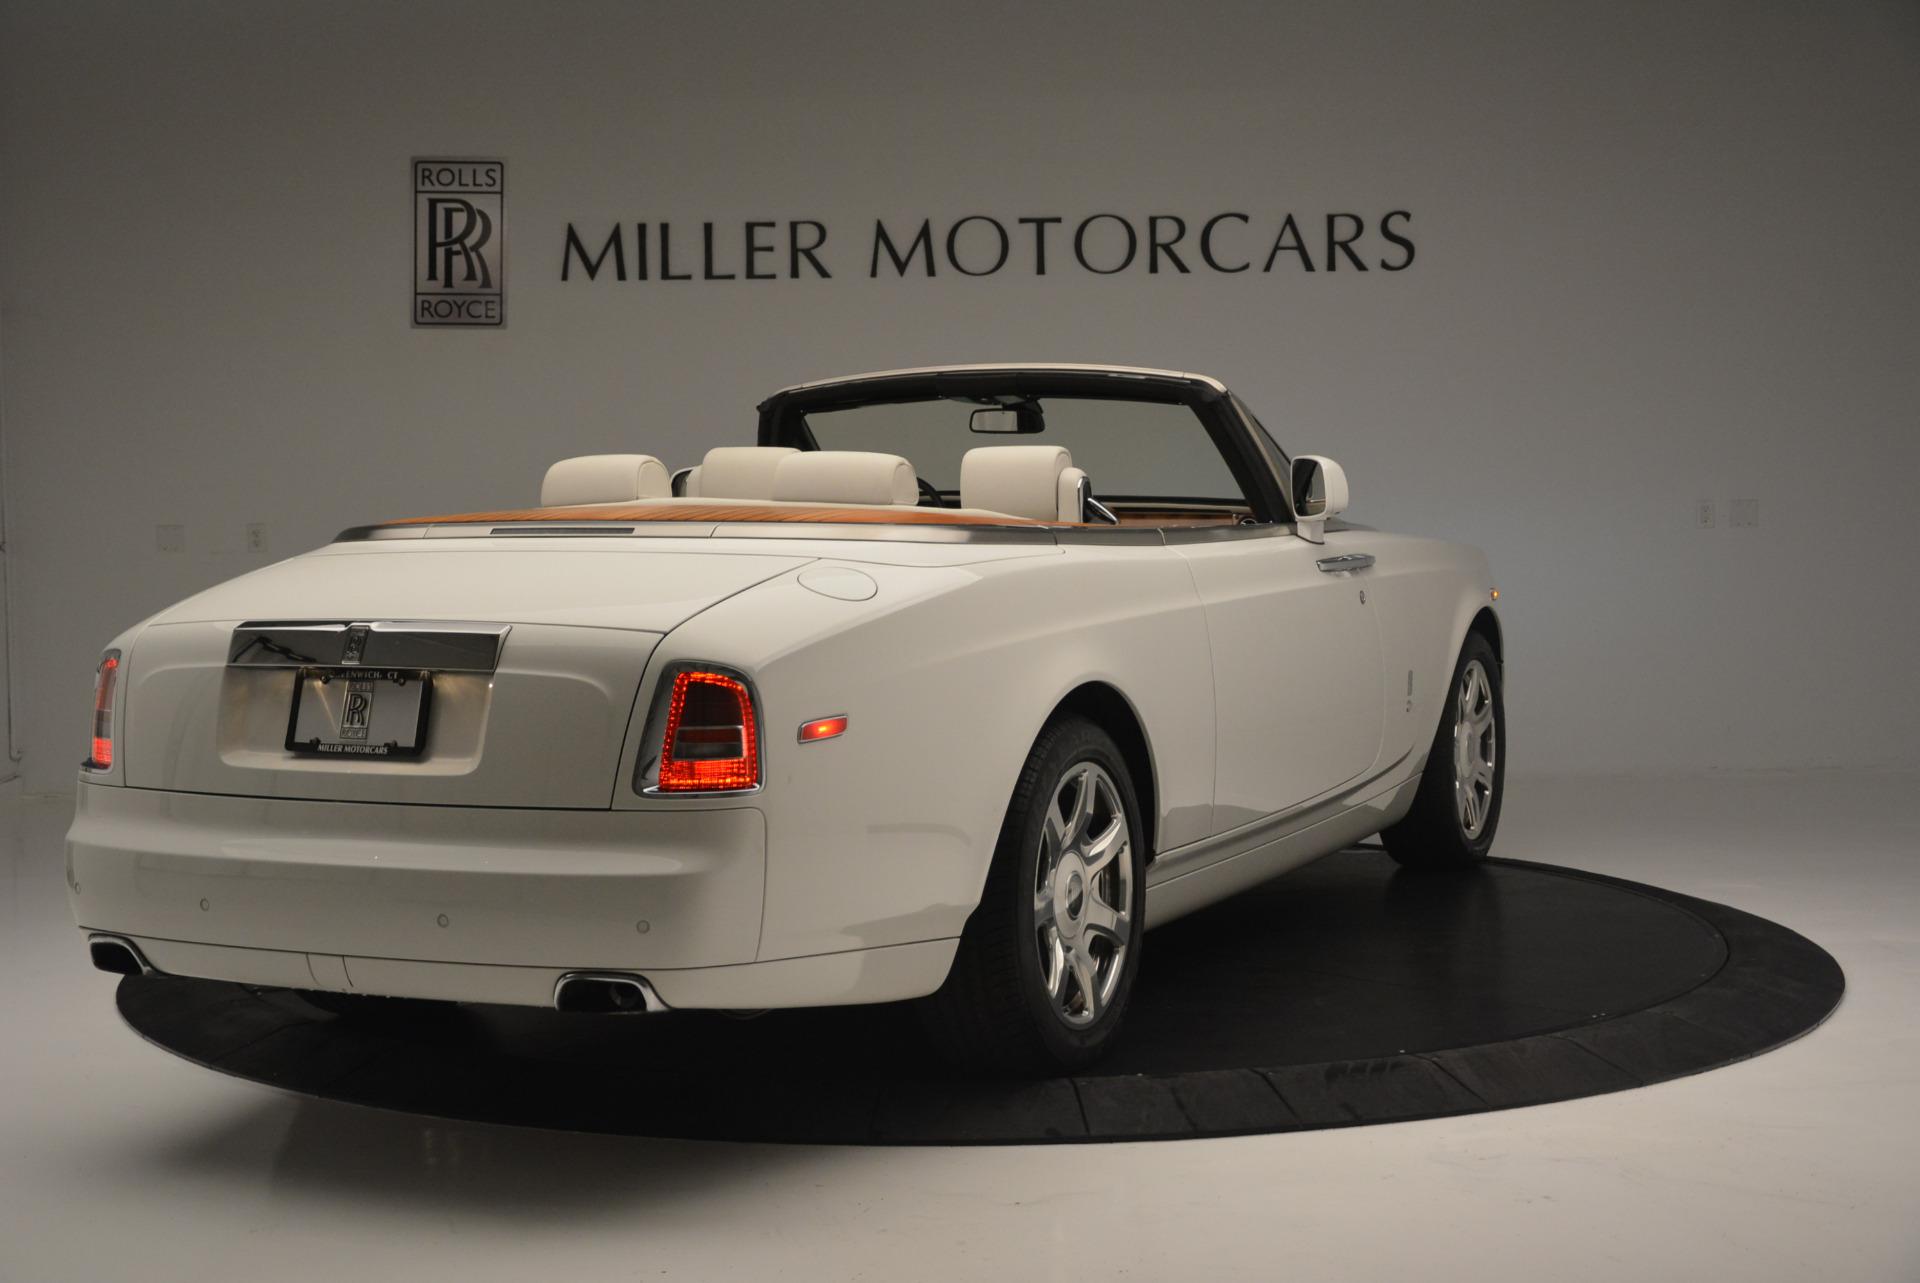 Used 2013 Rolls-Royce Phantom Drophead Coupe  For Sale In Westport, CT 2444_p5